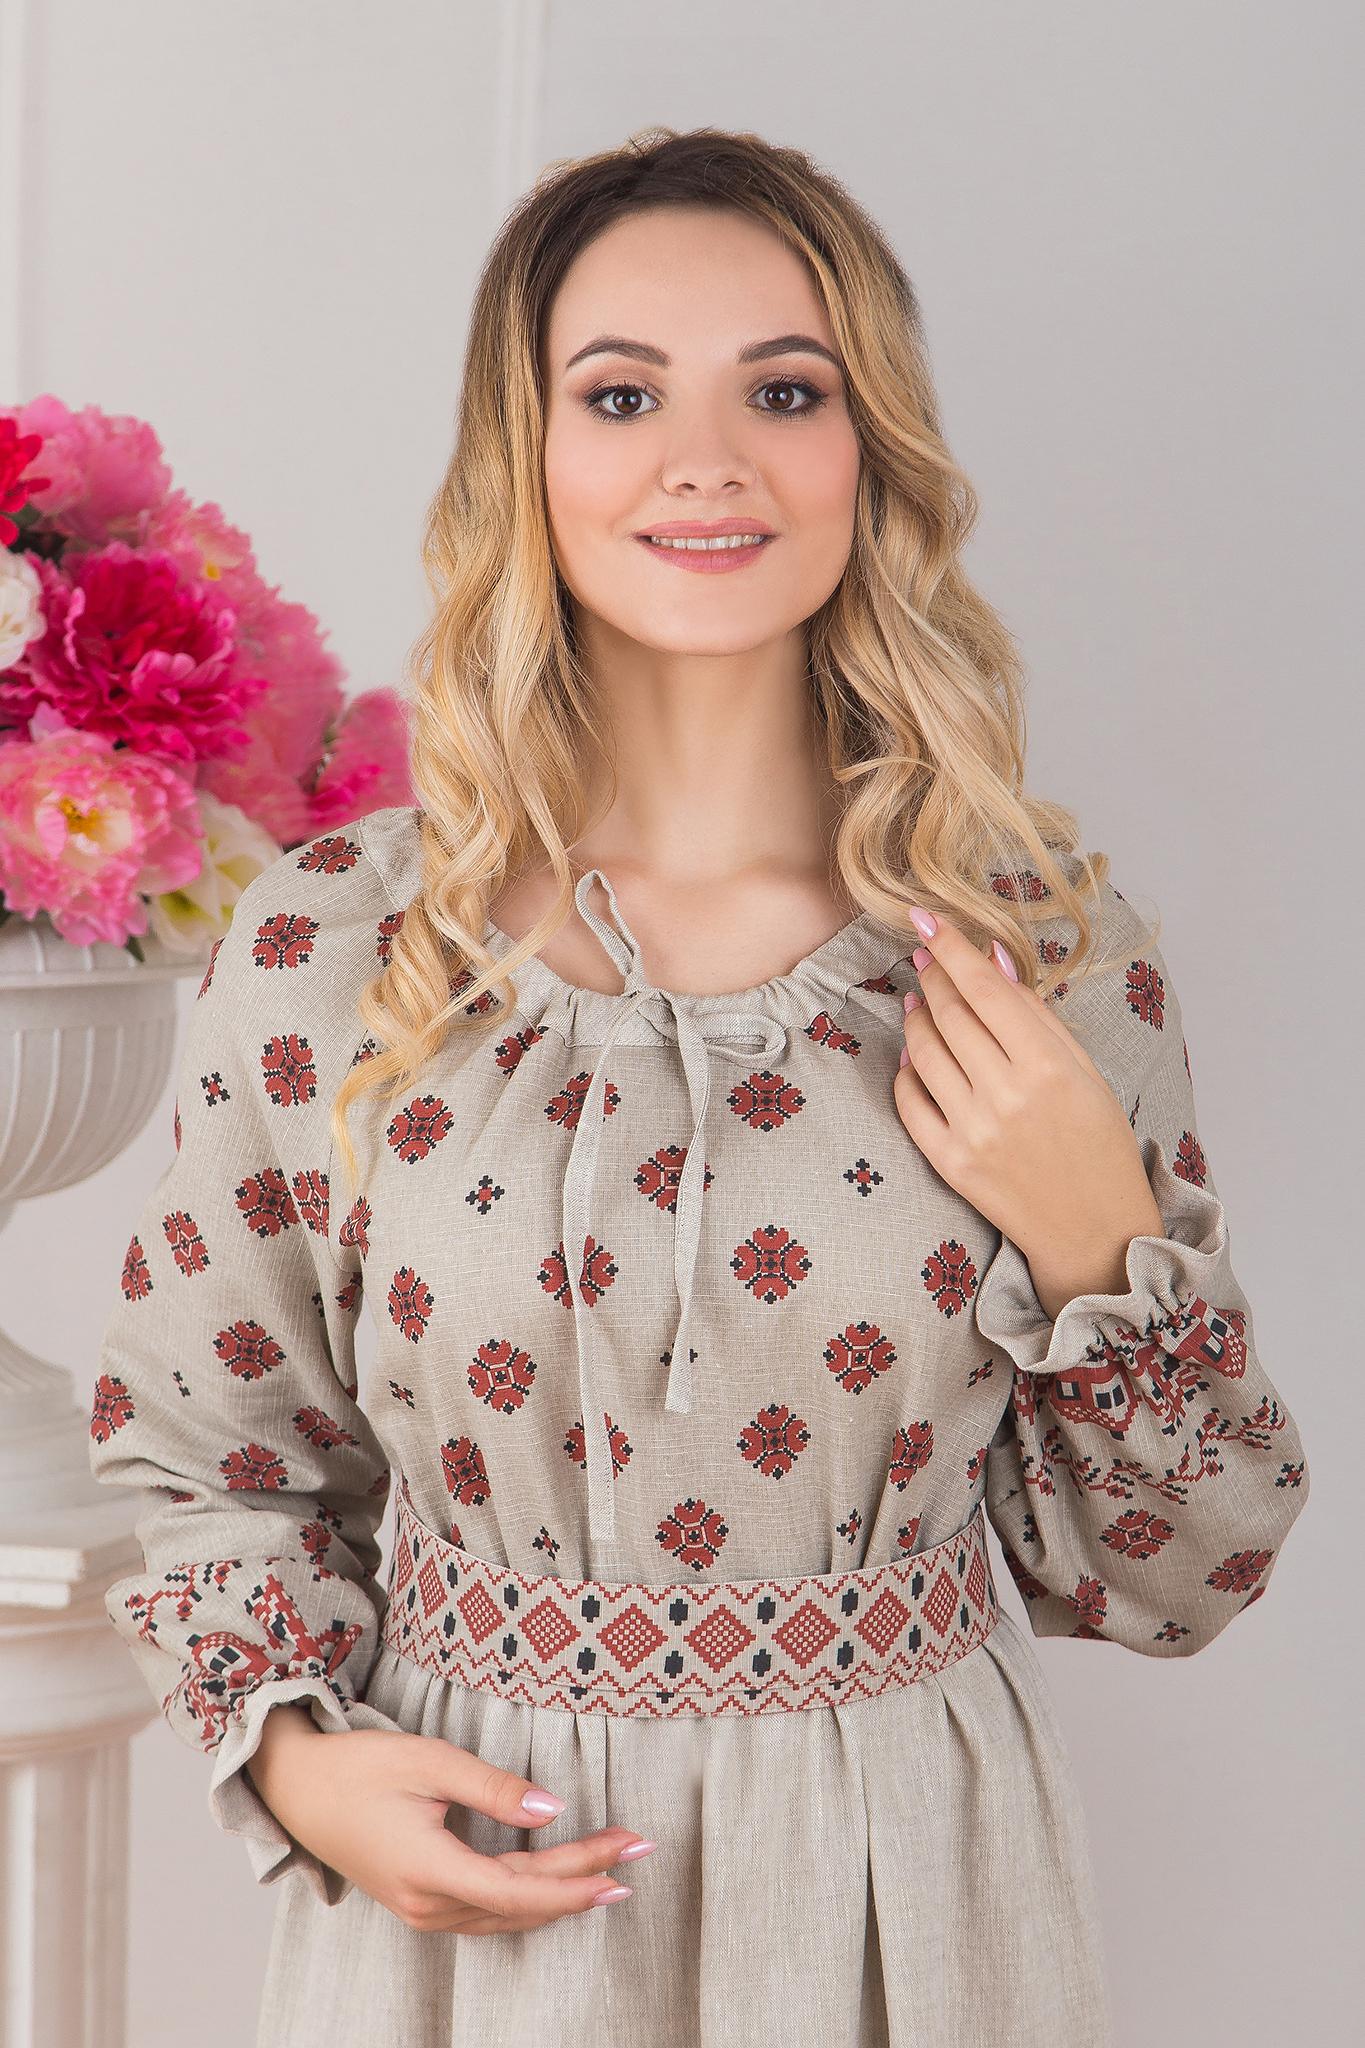 Платье традиционное Льняное поле приближенный фрагмент